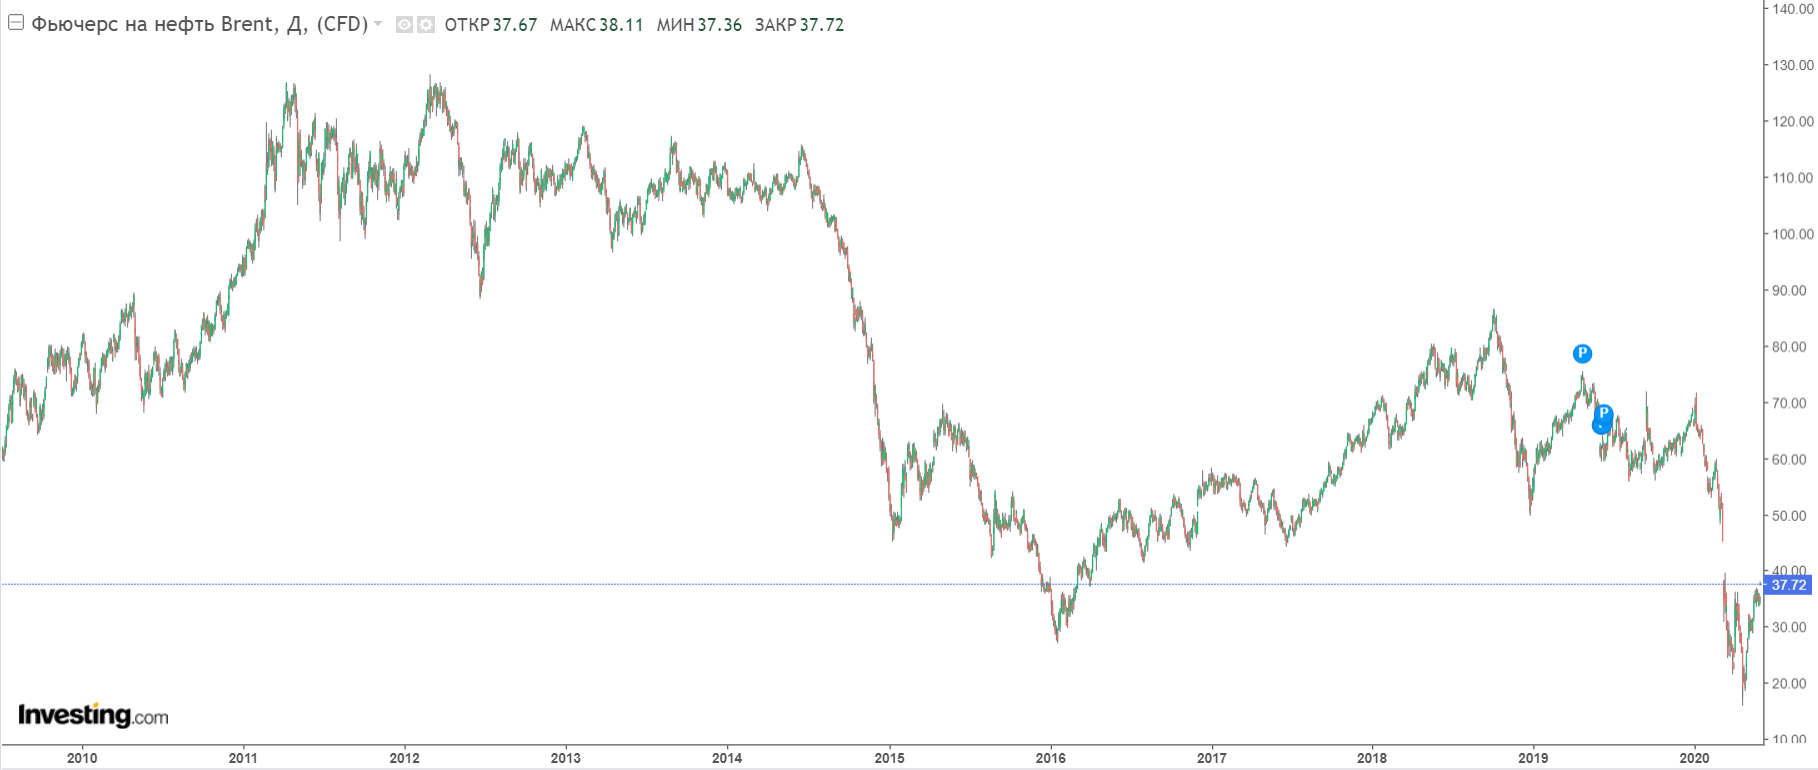 Мнение: майнеры заработают на падении цен на нефть